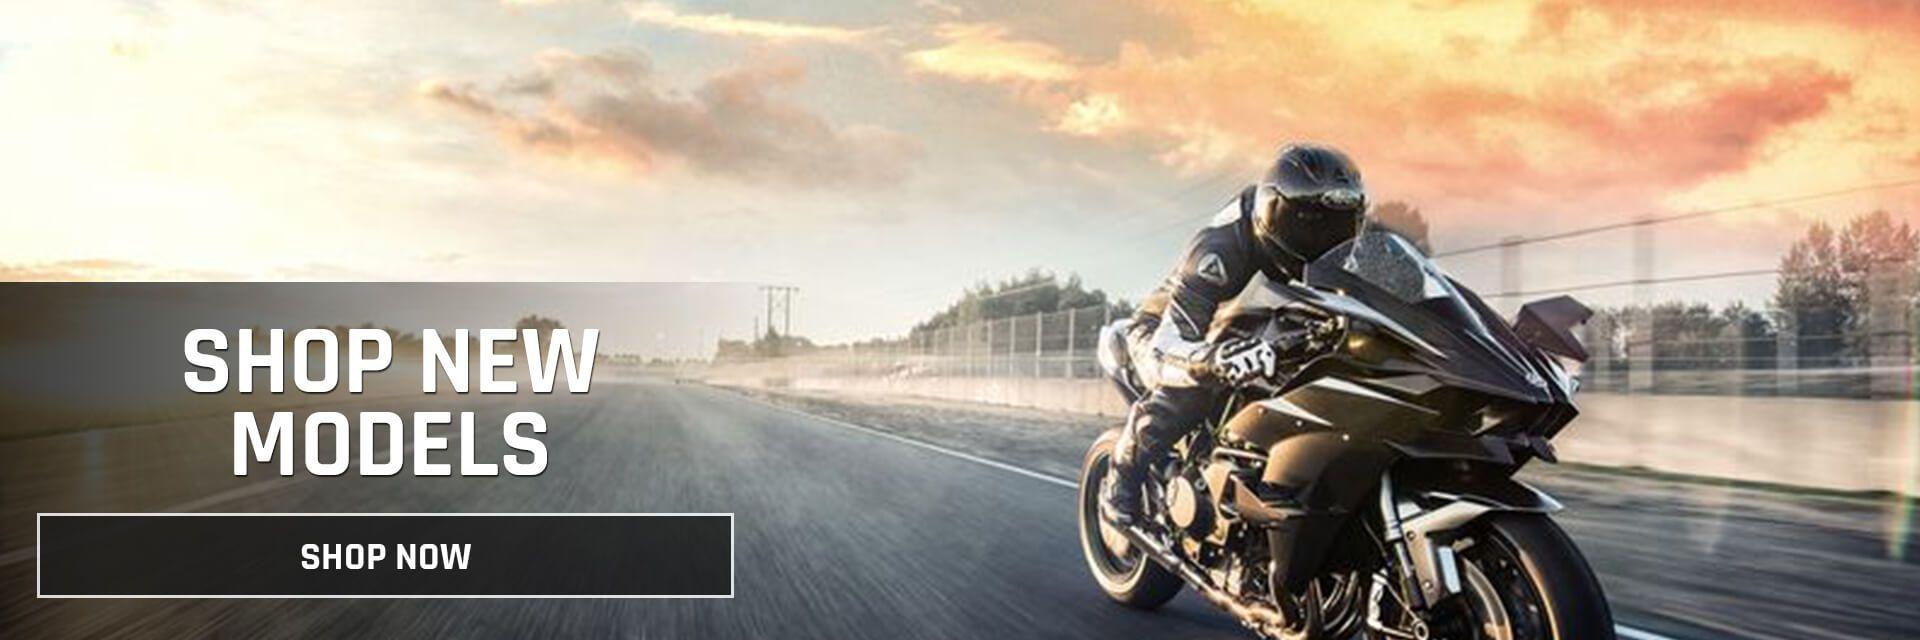 Shop New Models at JEM Motorsports Kawasaki